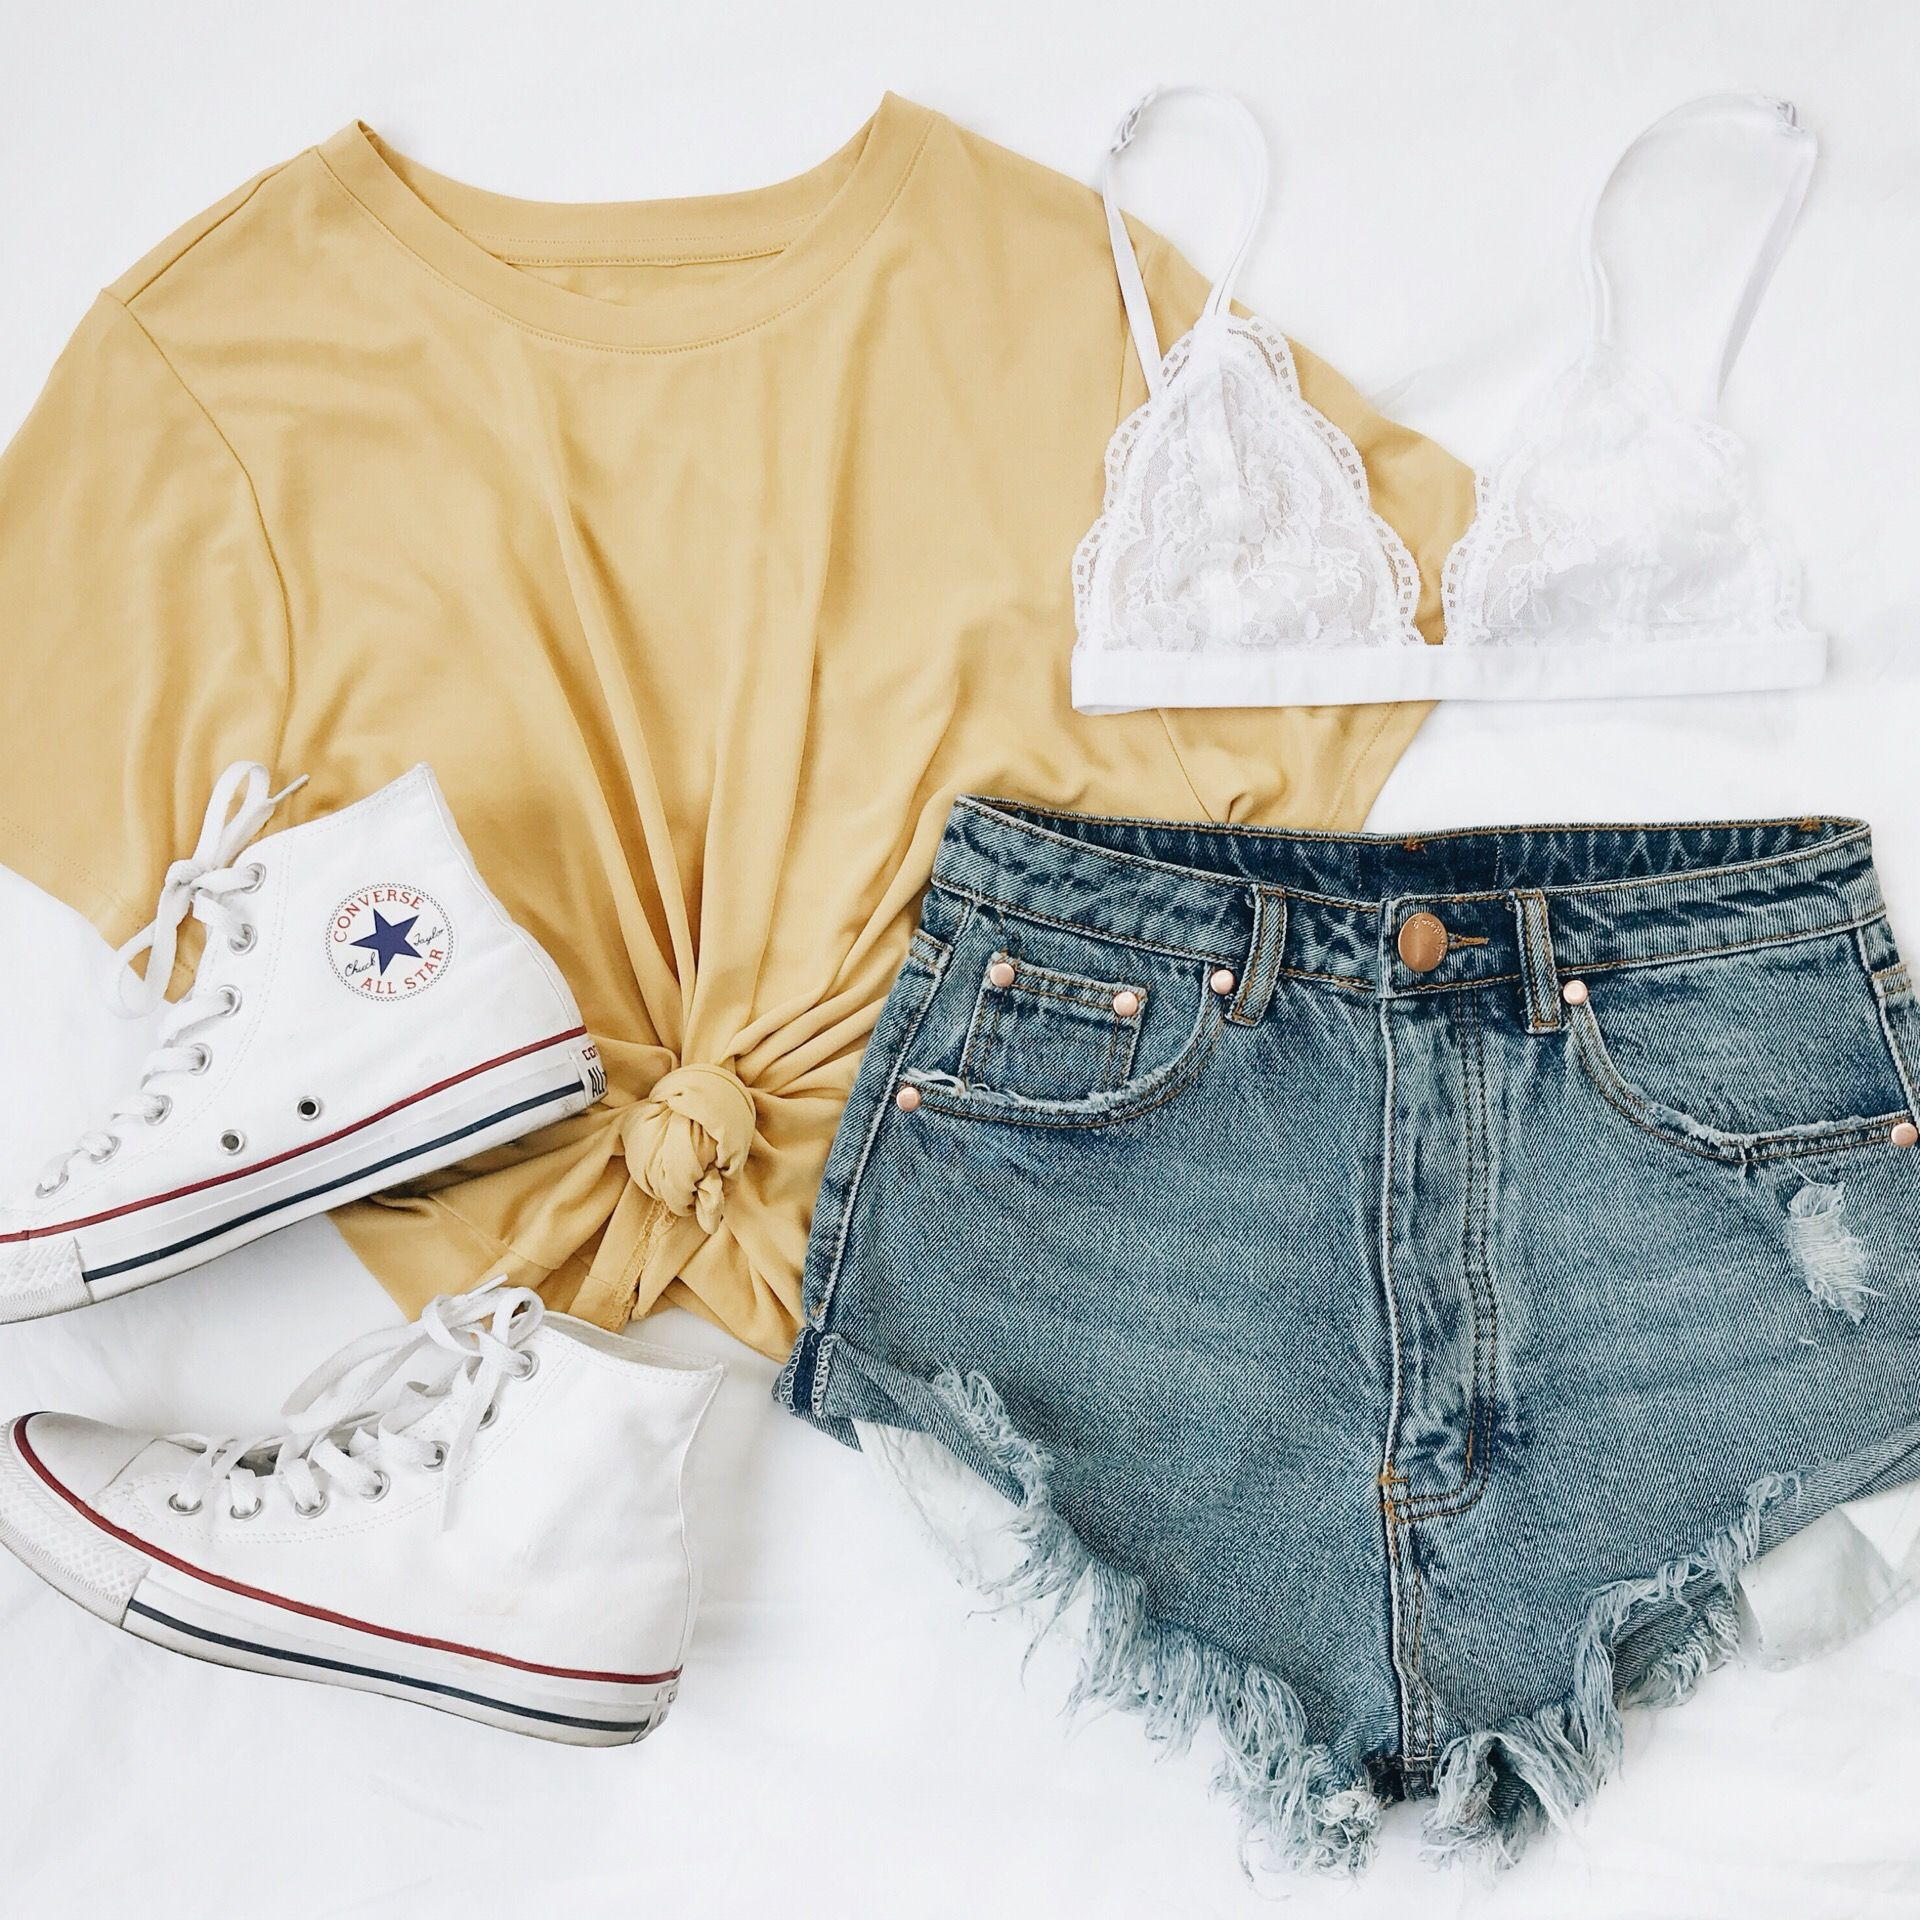 New spring styles frankiephoenix everyday fashion